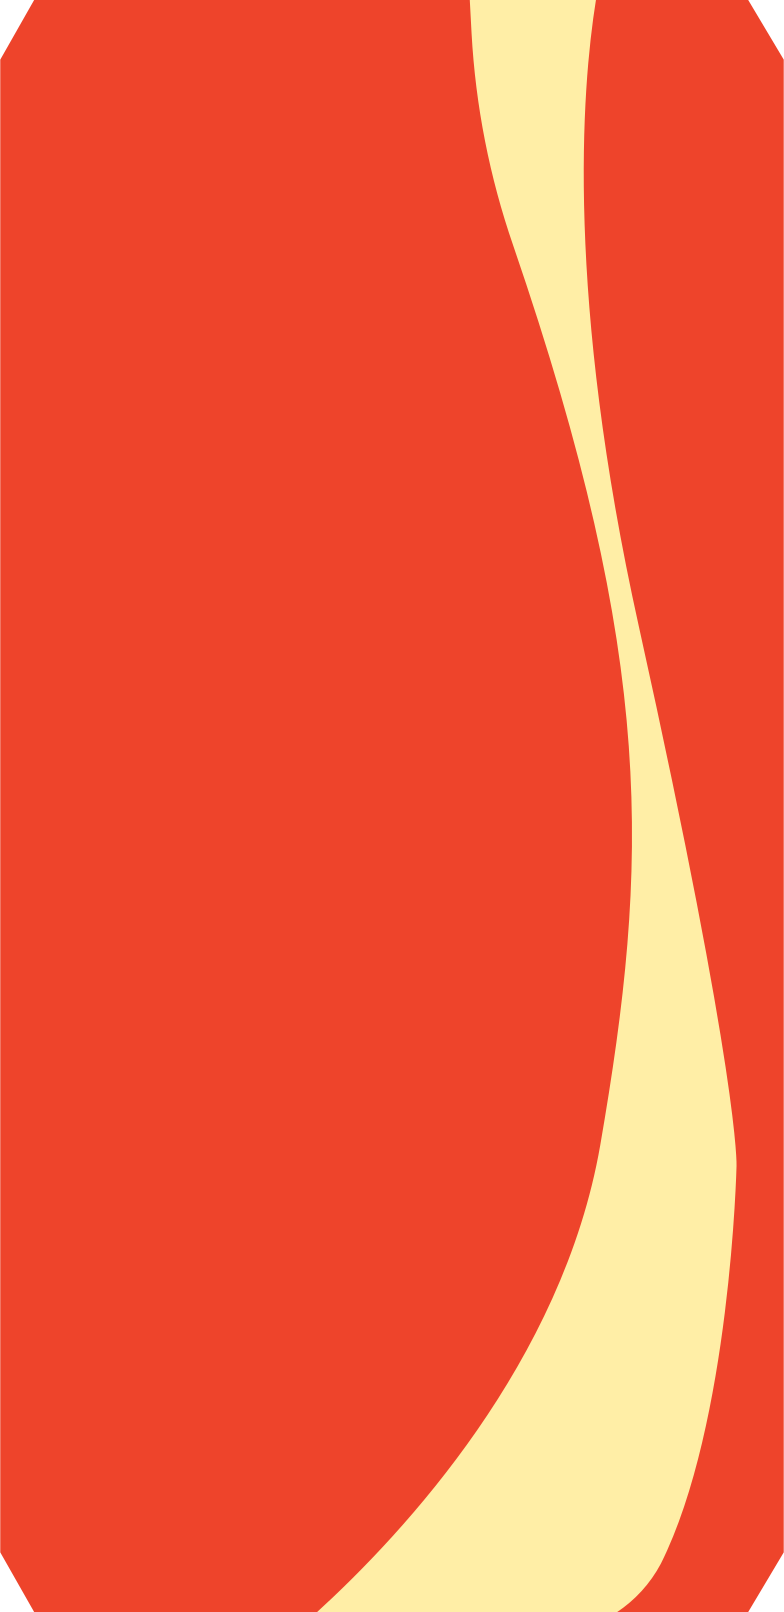 Lata de cola Clipart illustration in PNG, SVG